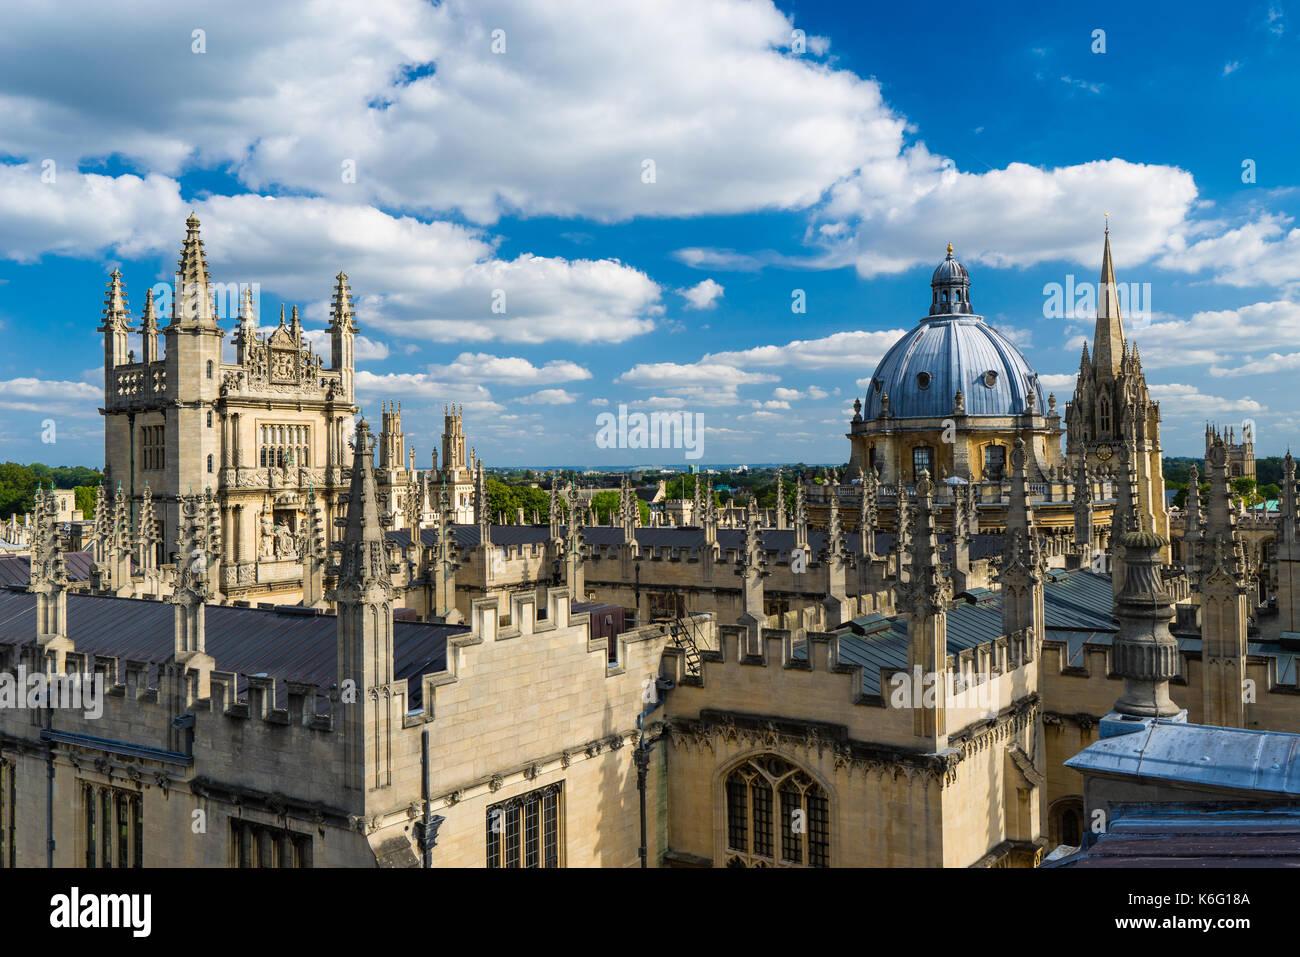 Blick auf die Skyline der Stadt von der Kuppel des Sheldonian Theatre, Oxford, England. Stockbild